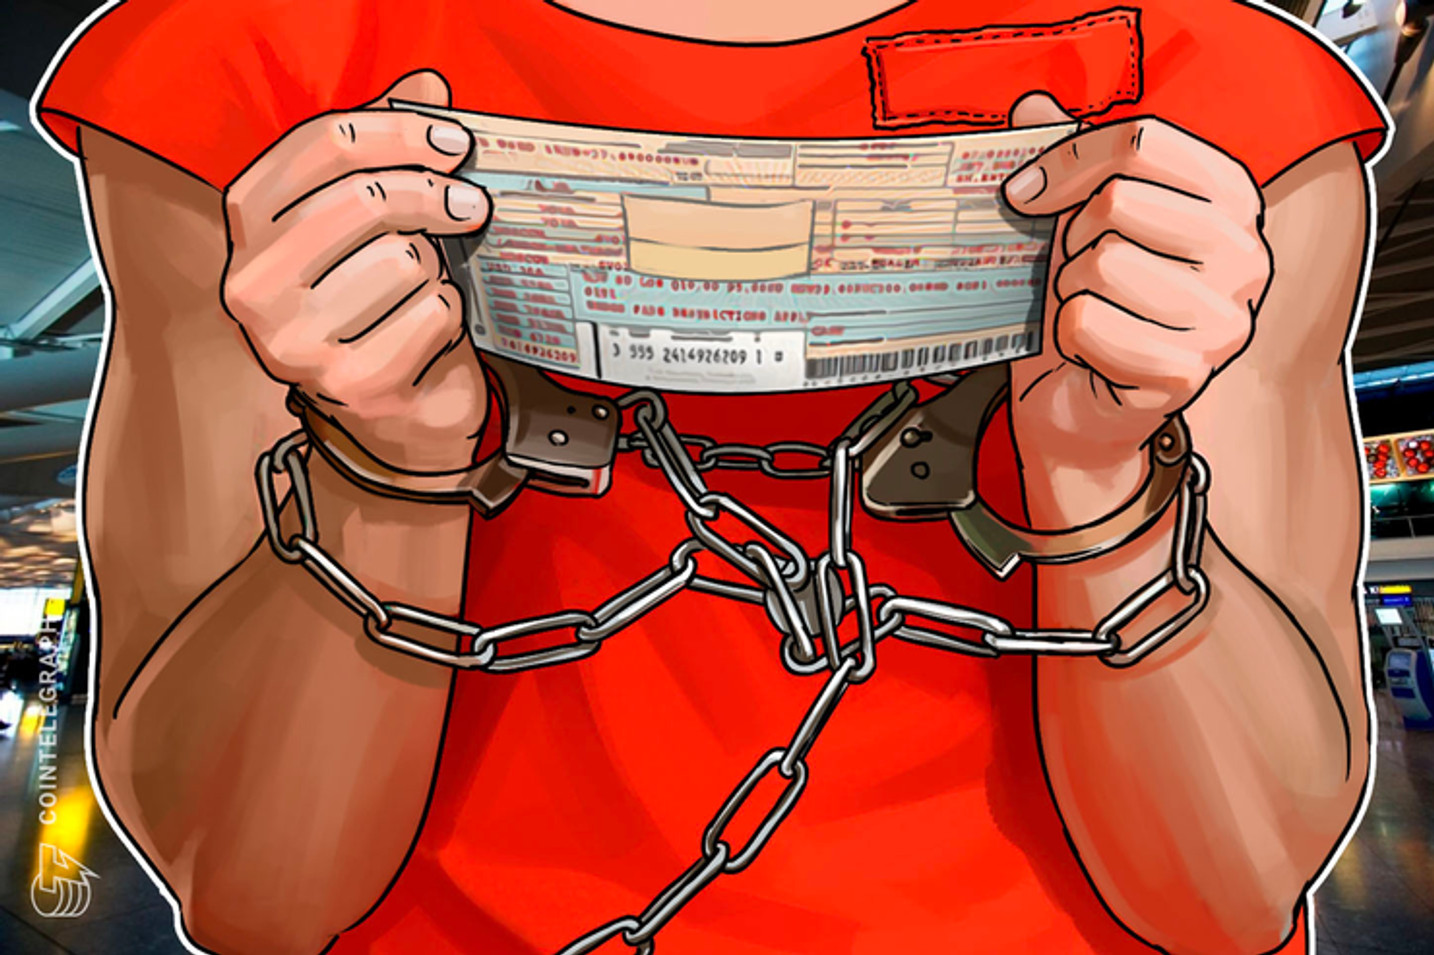 Preso pela PF, cônsul é acusado de lavar dinheiro com Bitcoin, ter 13 CPFs e comprar decisões judiciais